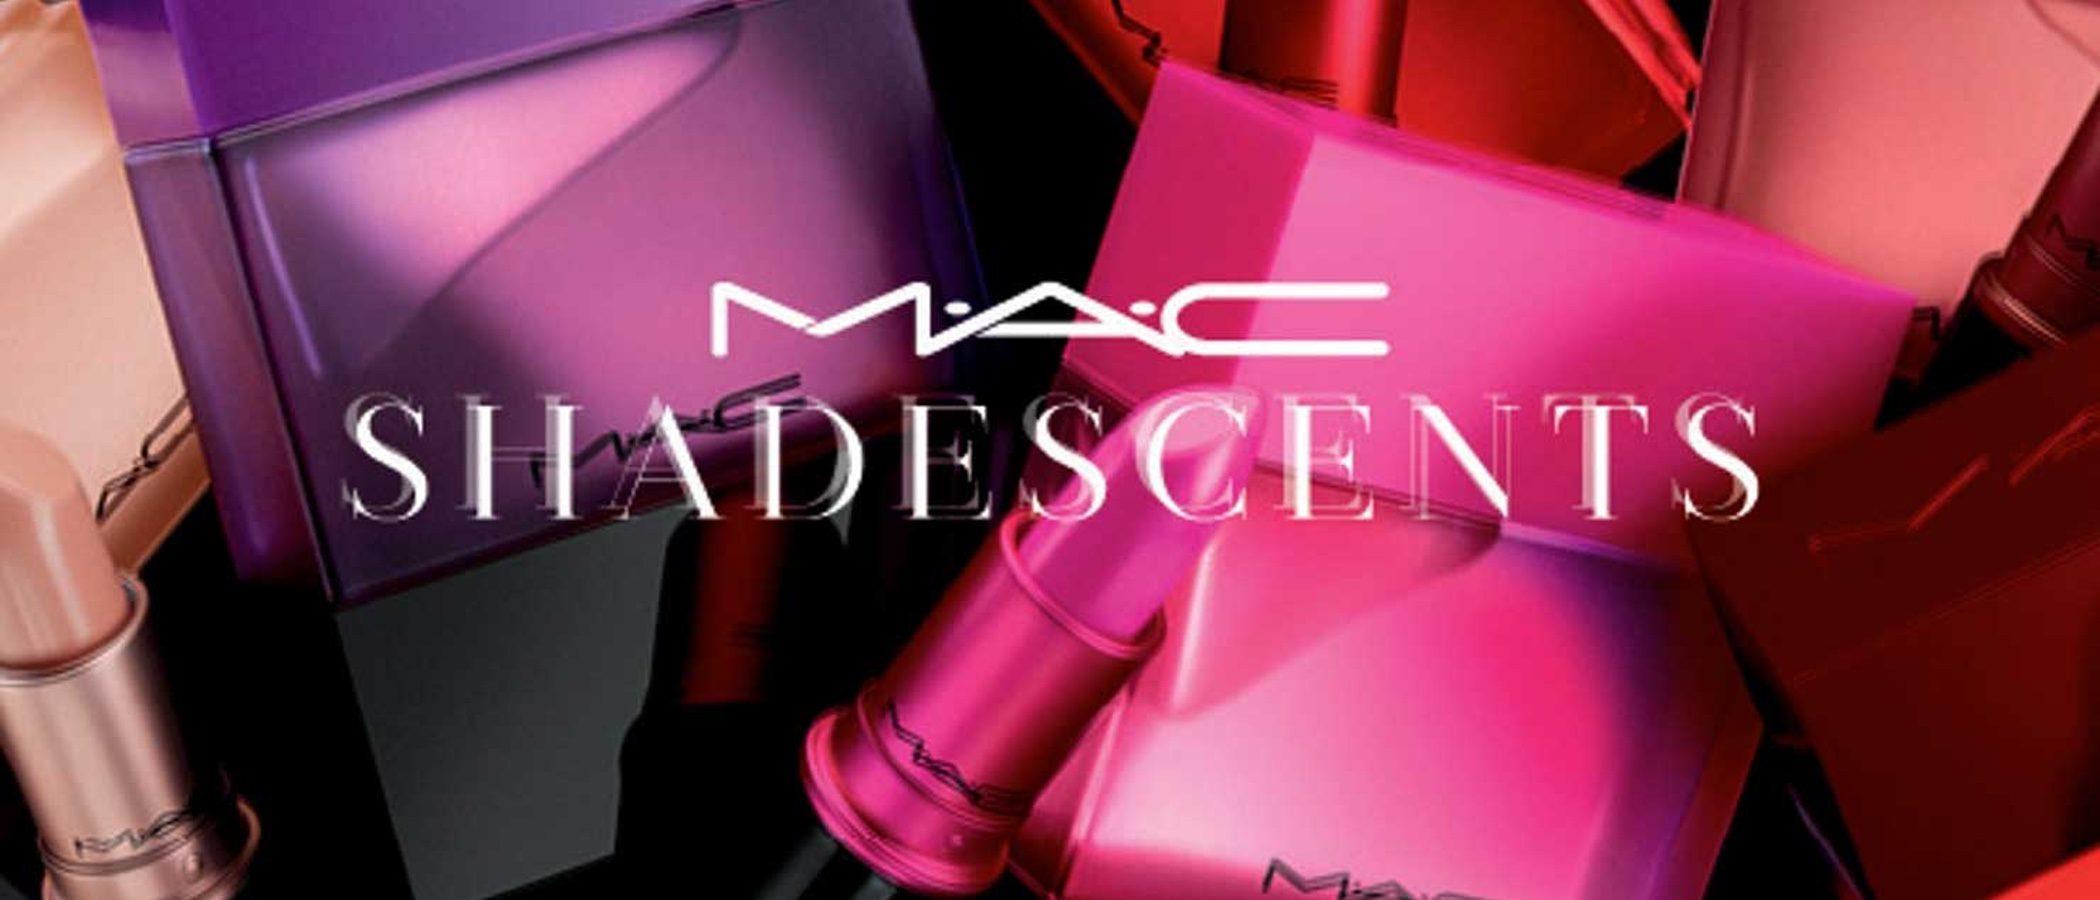 MAC presenta una nueva línea de perfumes 'MAC Shadescents' compuesta por seis fragancias